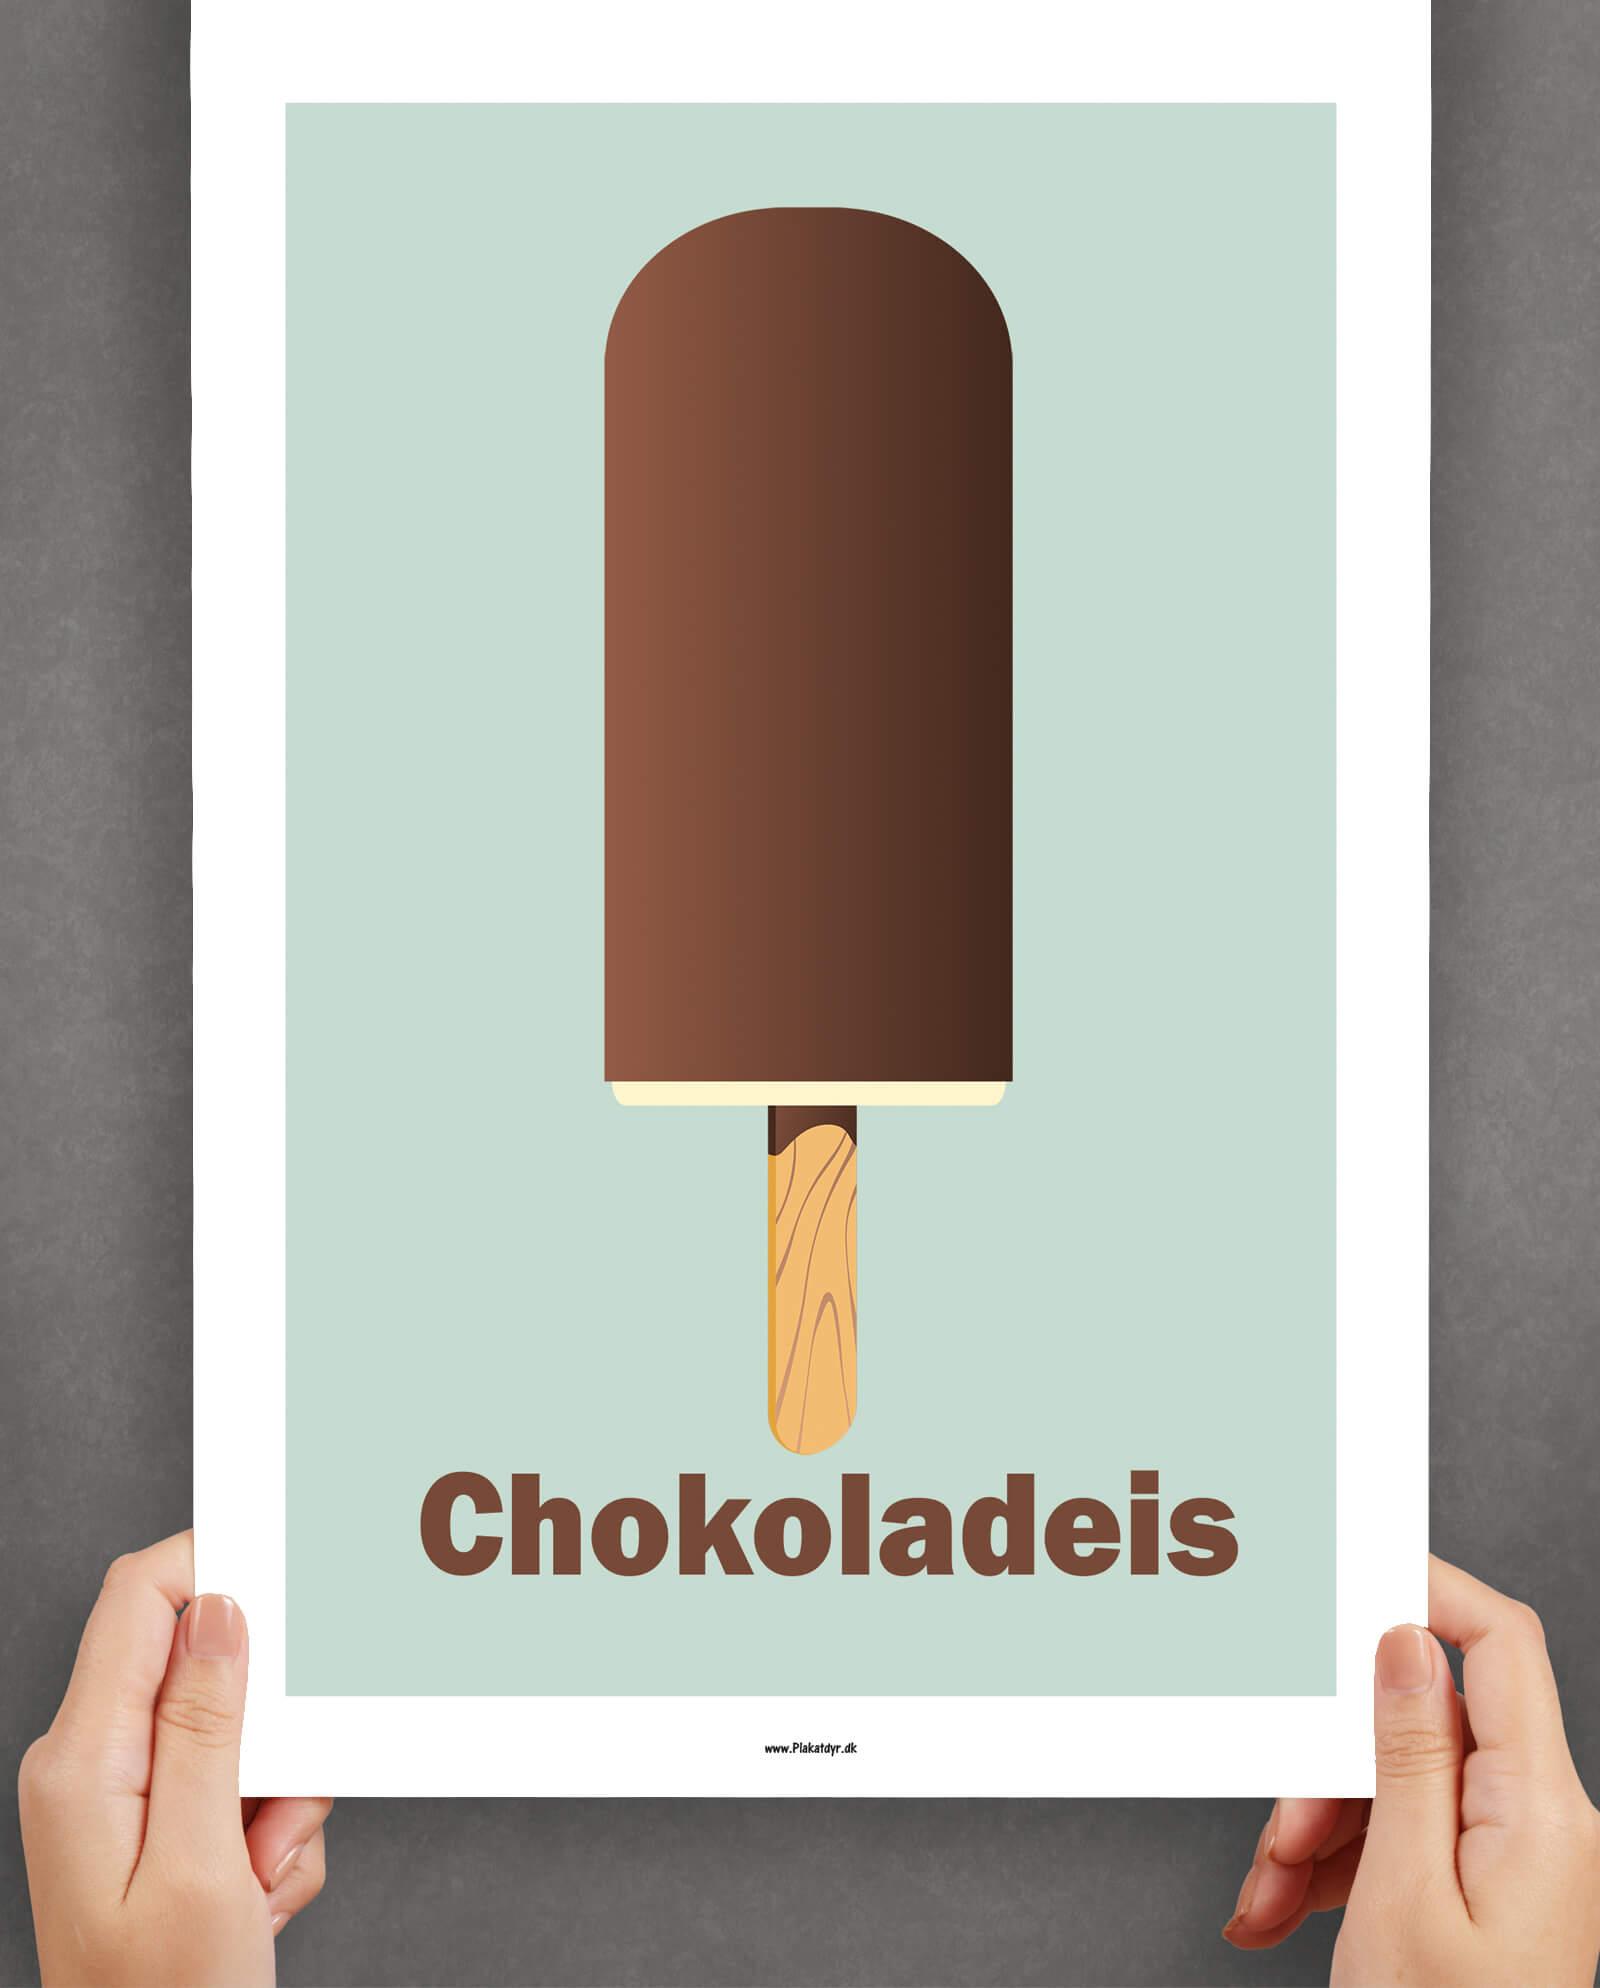 chokolade-is-blaa-1